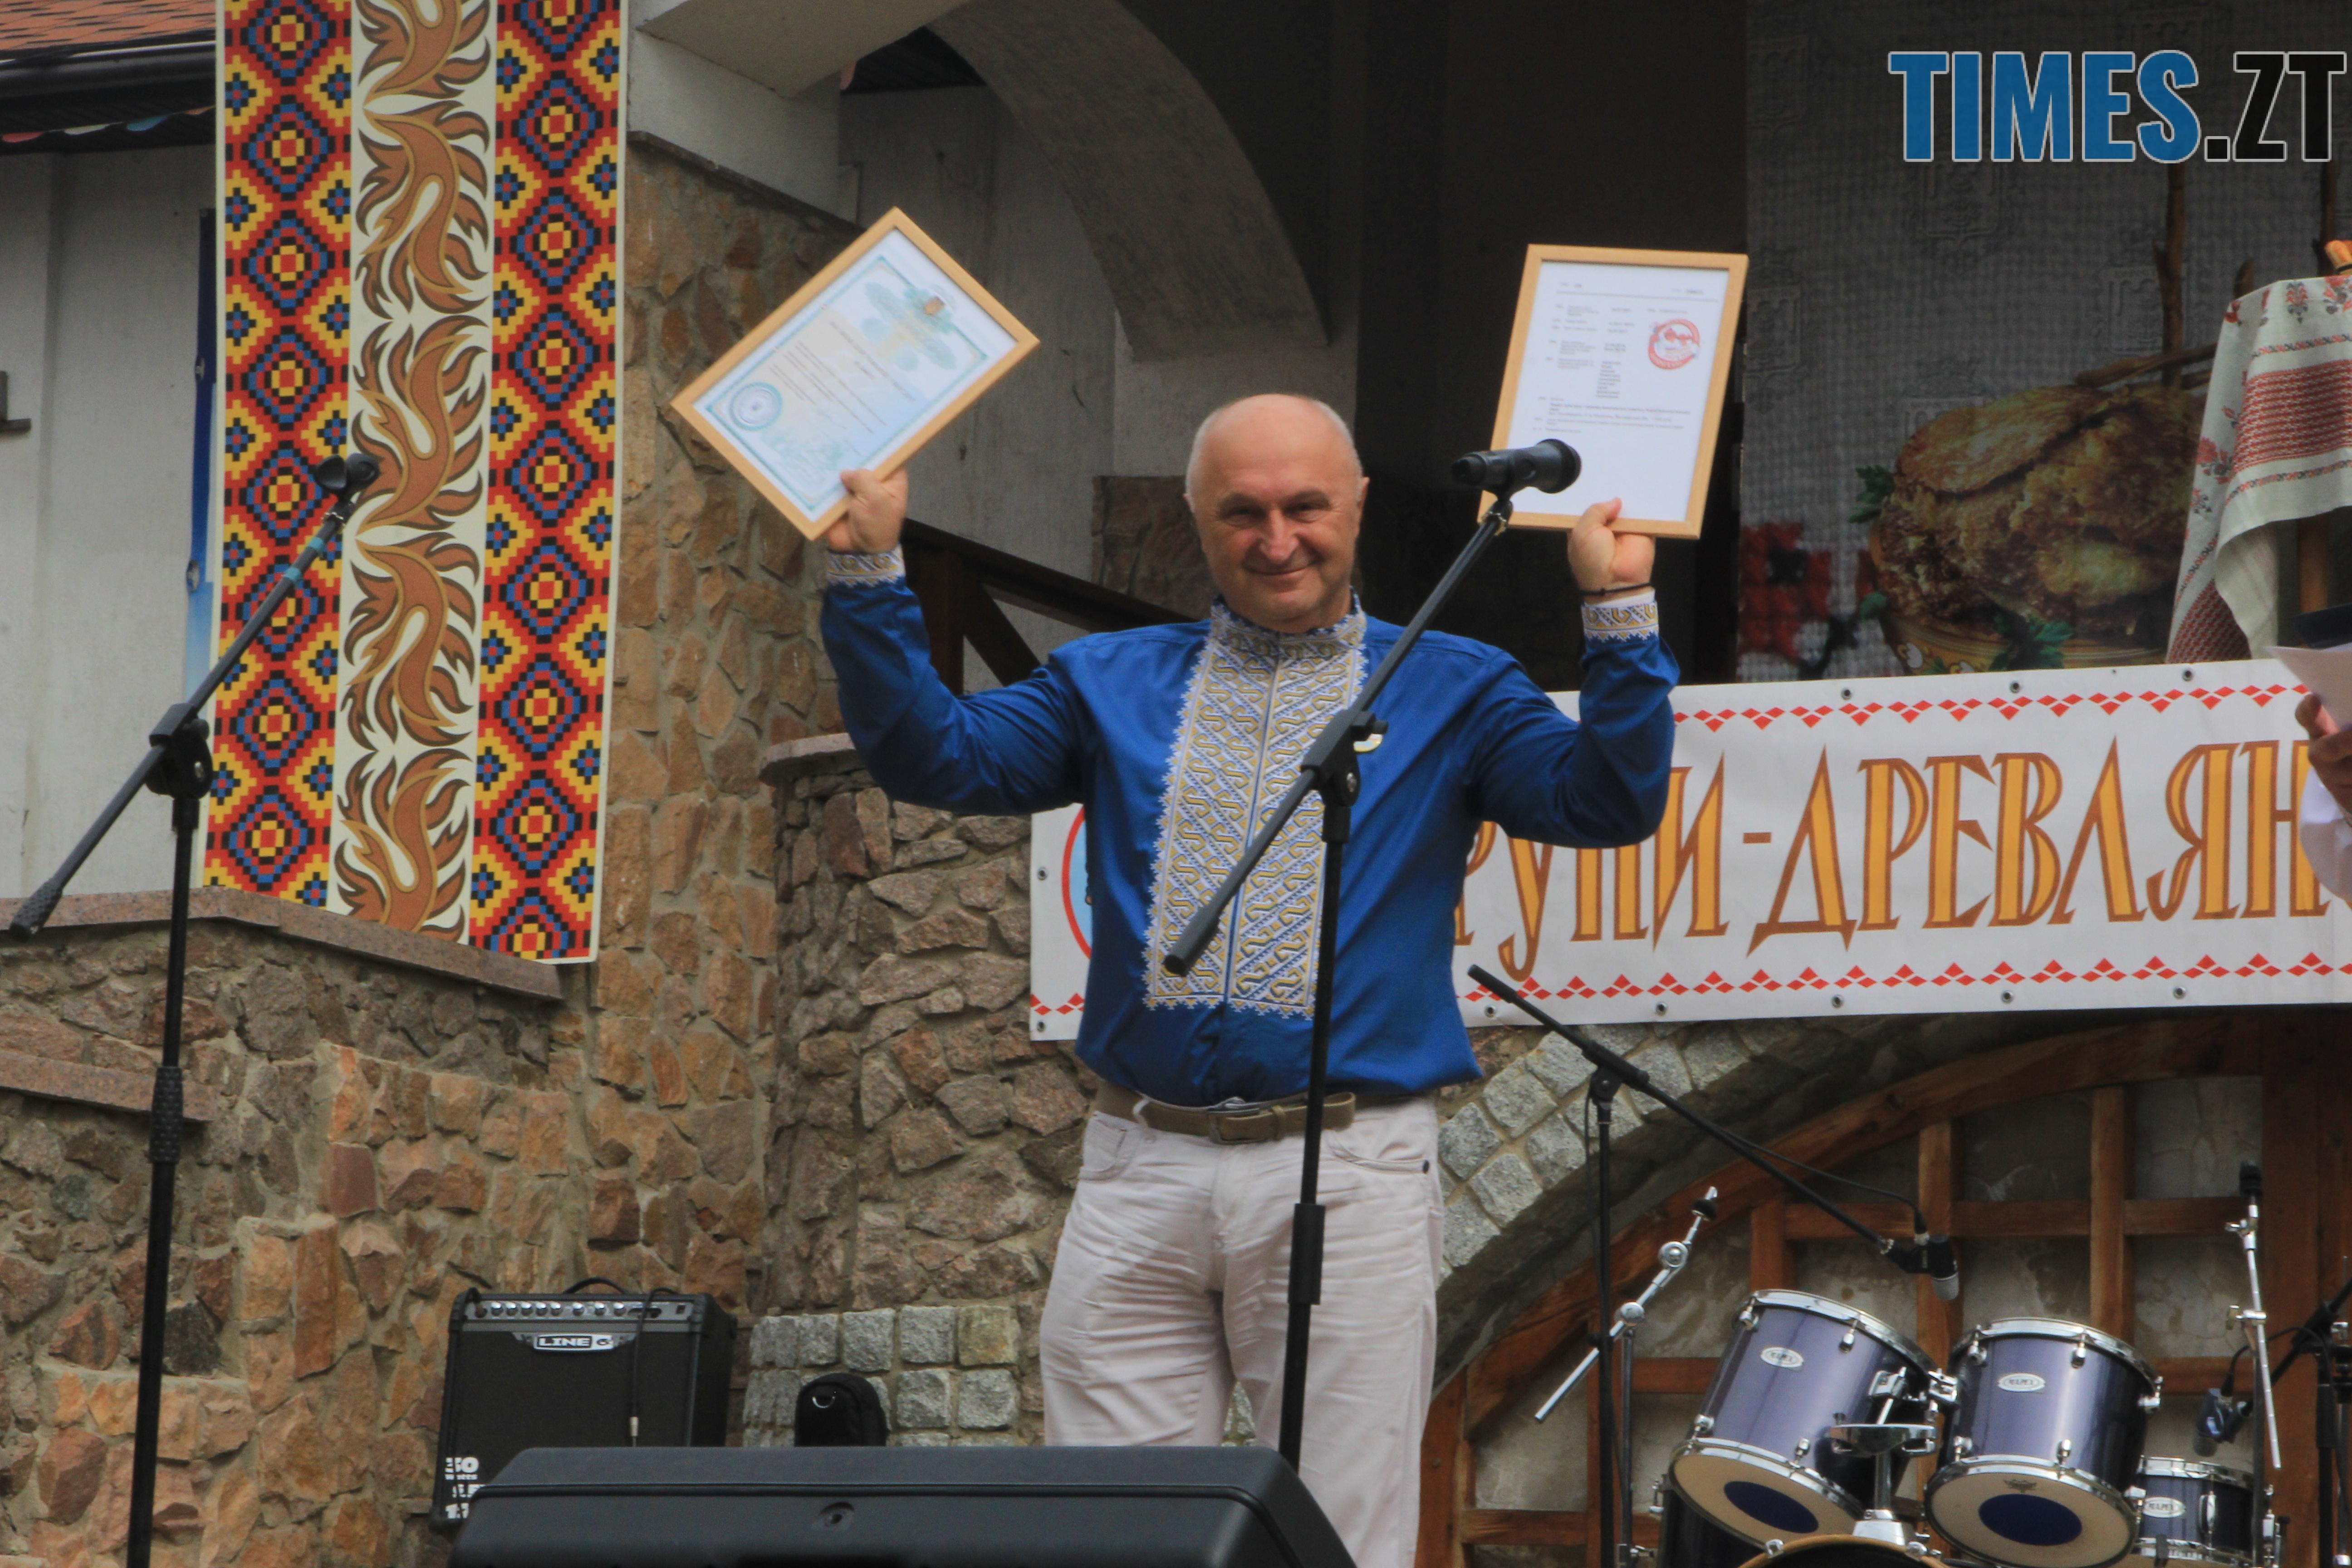 IMG 7575 - Десятий фестиваль дерунів: насмажили чимало, показали найбільшого в країні і побили ним всі рекорди (ФОТОРЕПОРТАЖ)